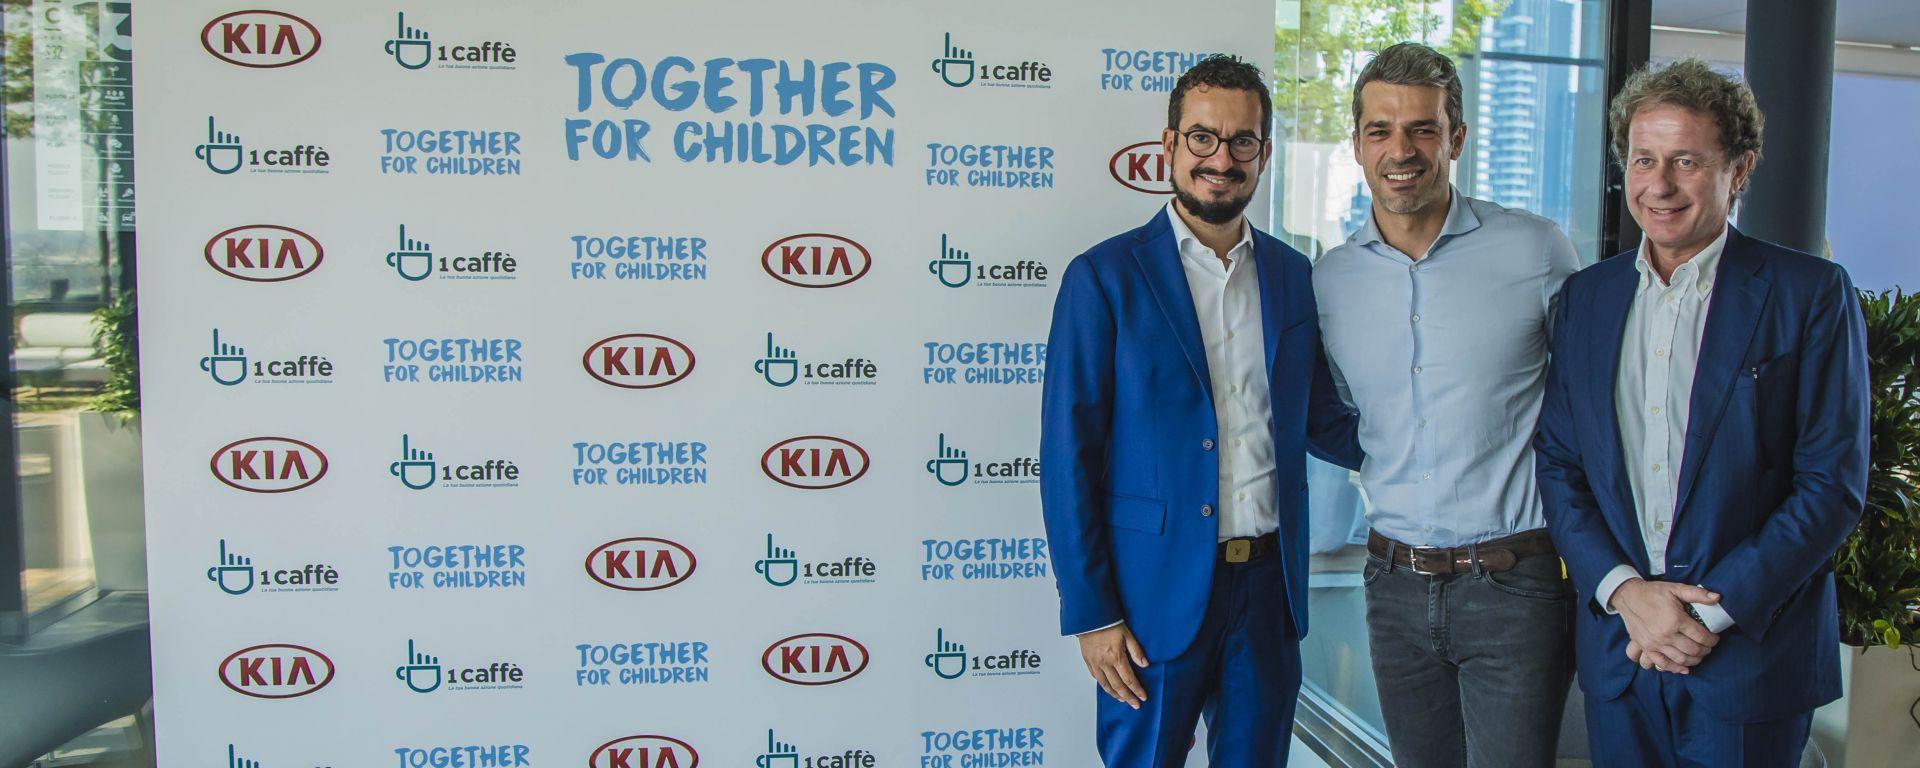 Luca Argentero e Kia: collaborazione a sostegno dei bambini